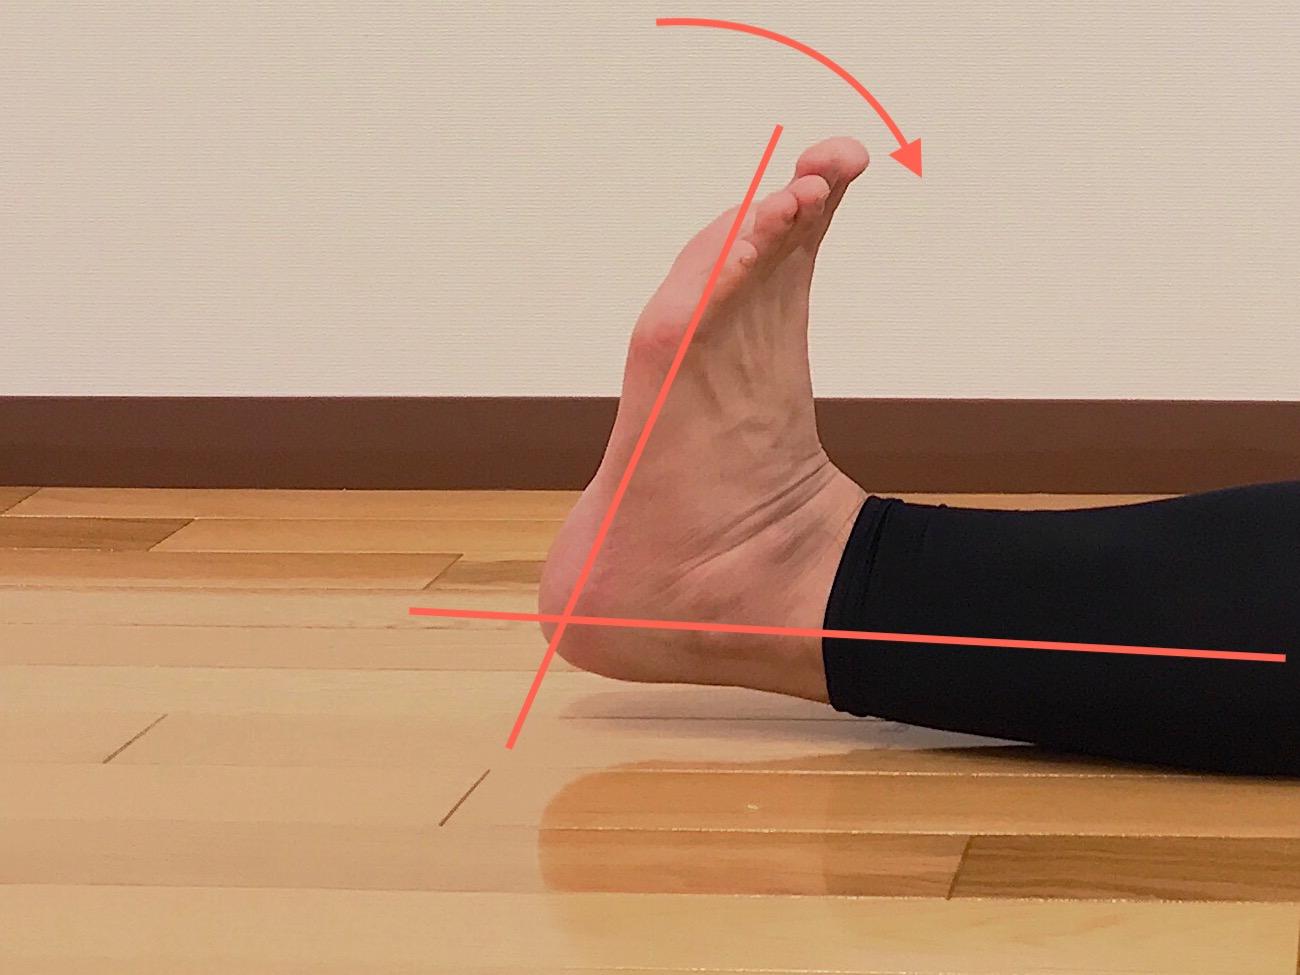 足関節を曲げる動作(背屈)が柔らかい場合